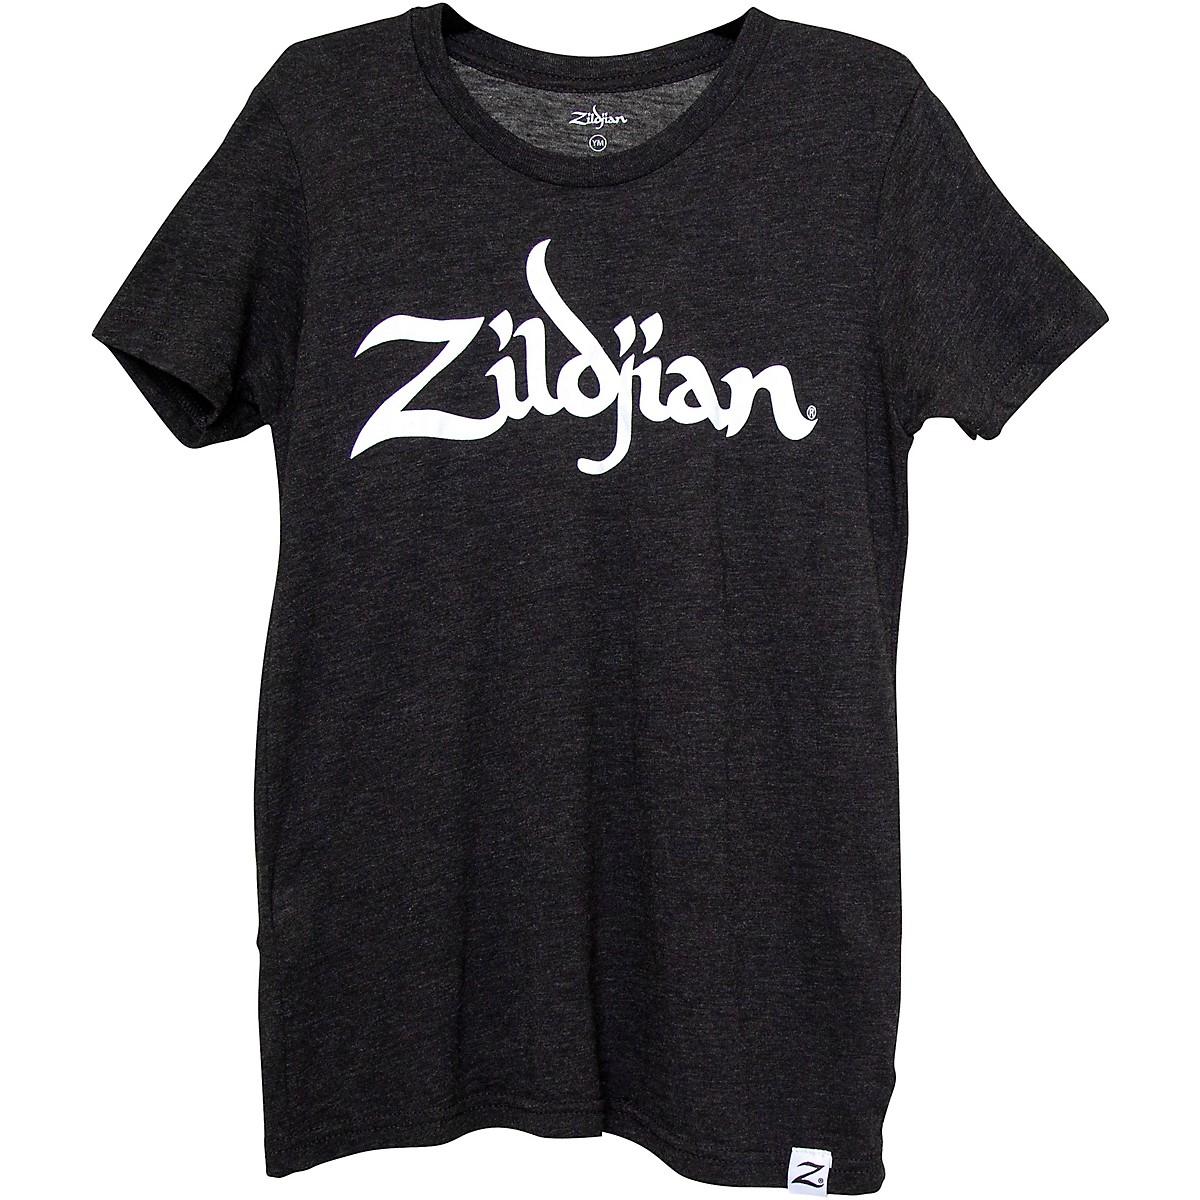 Zildjian Youth Logo T-Shirt, Charcoal